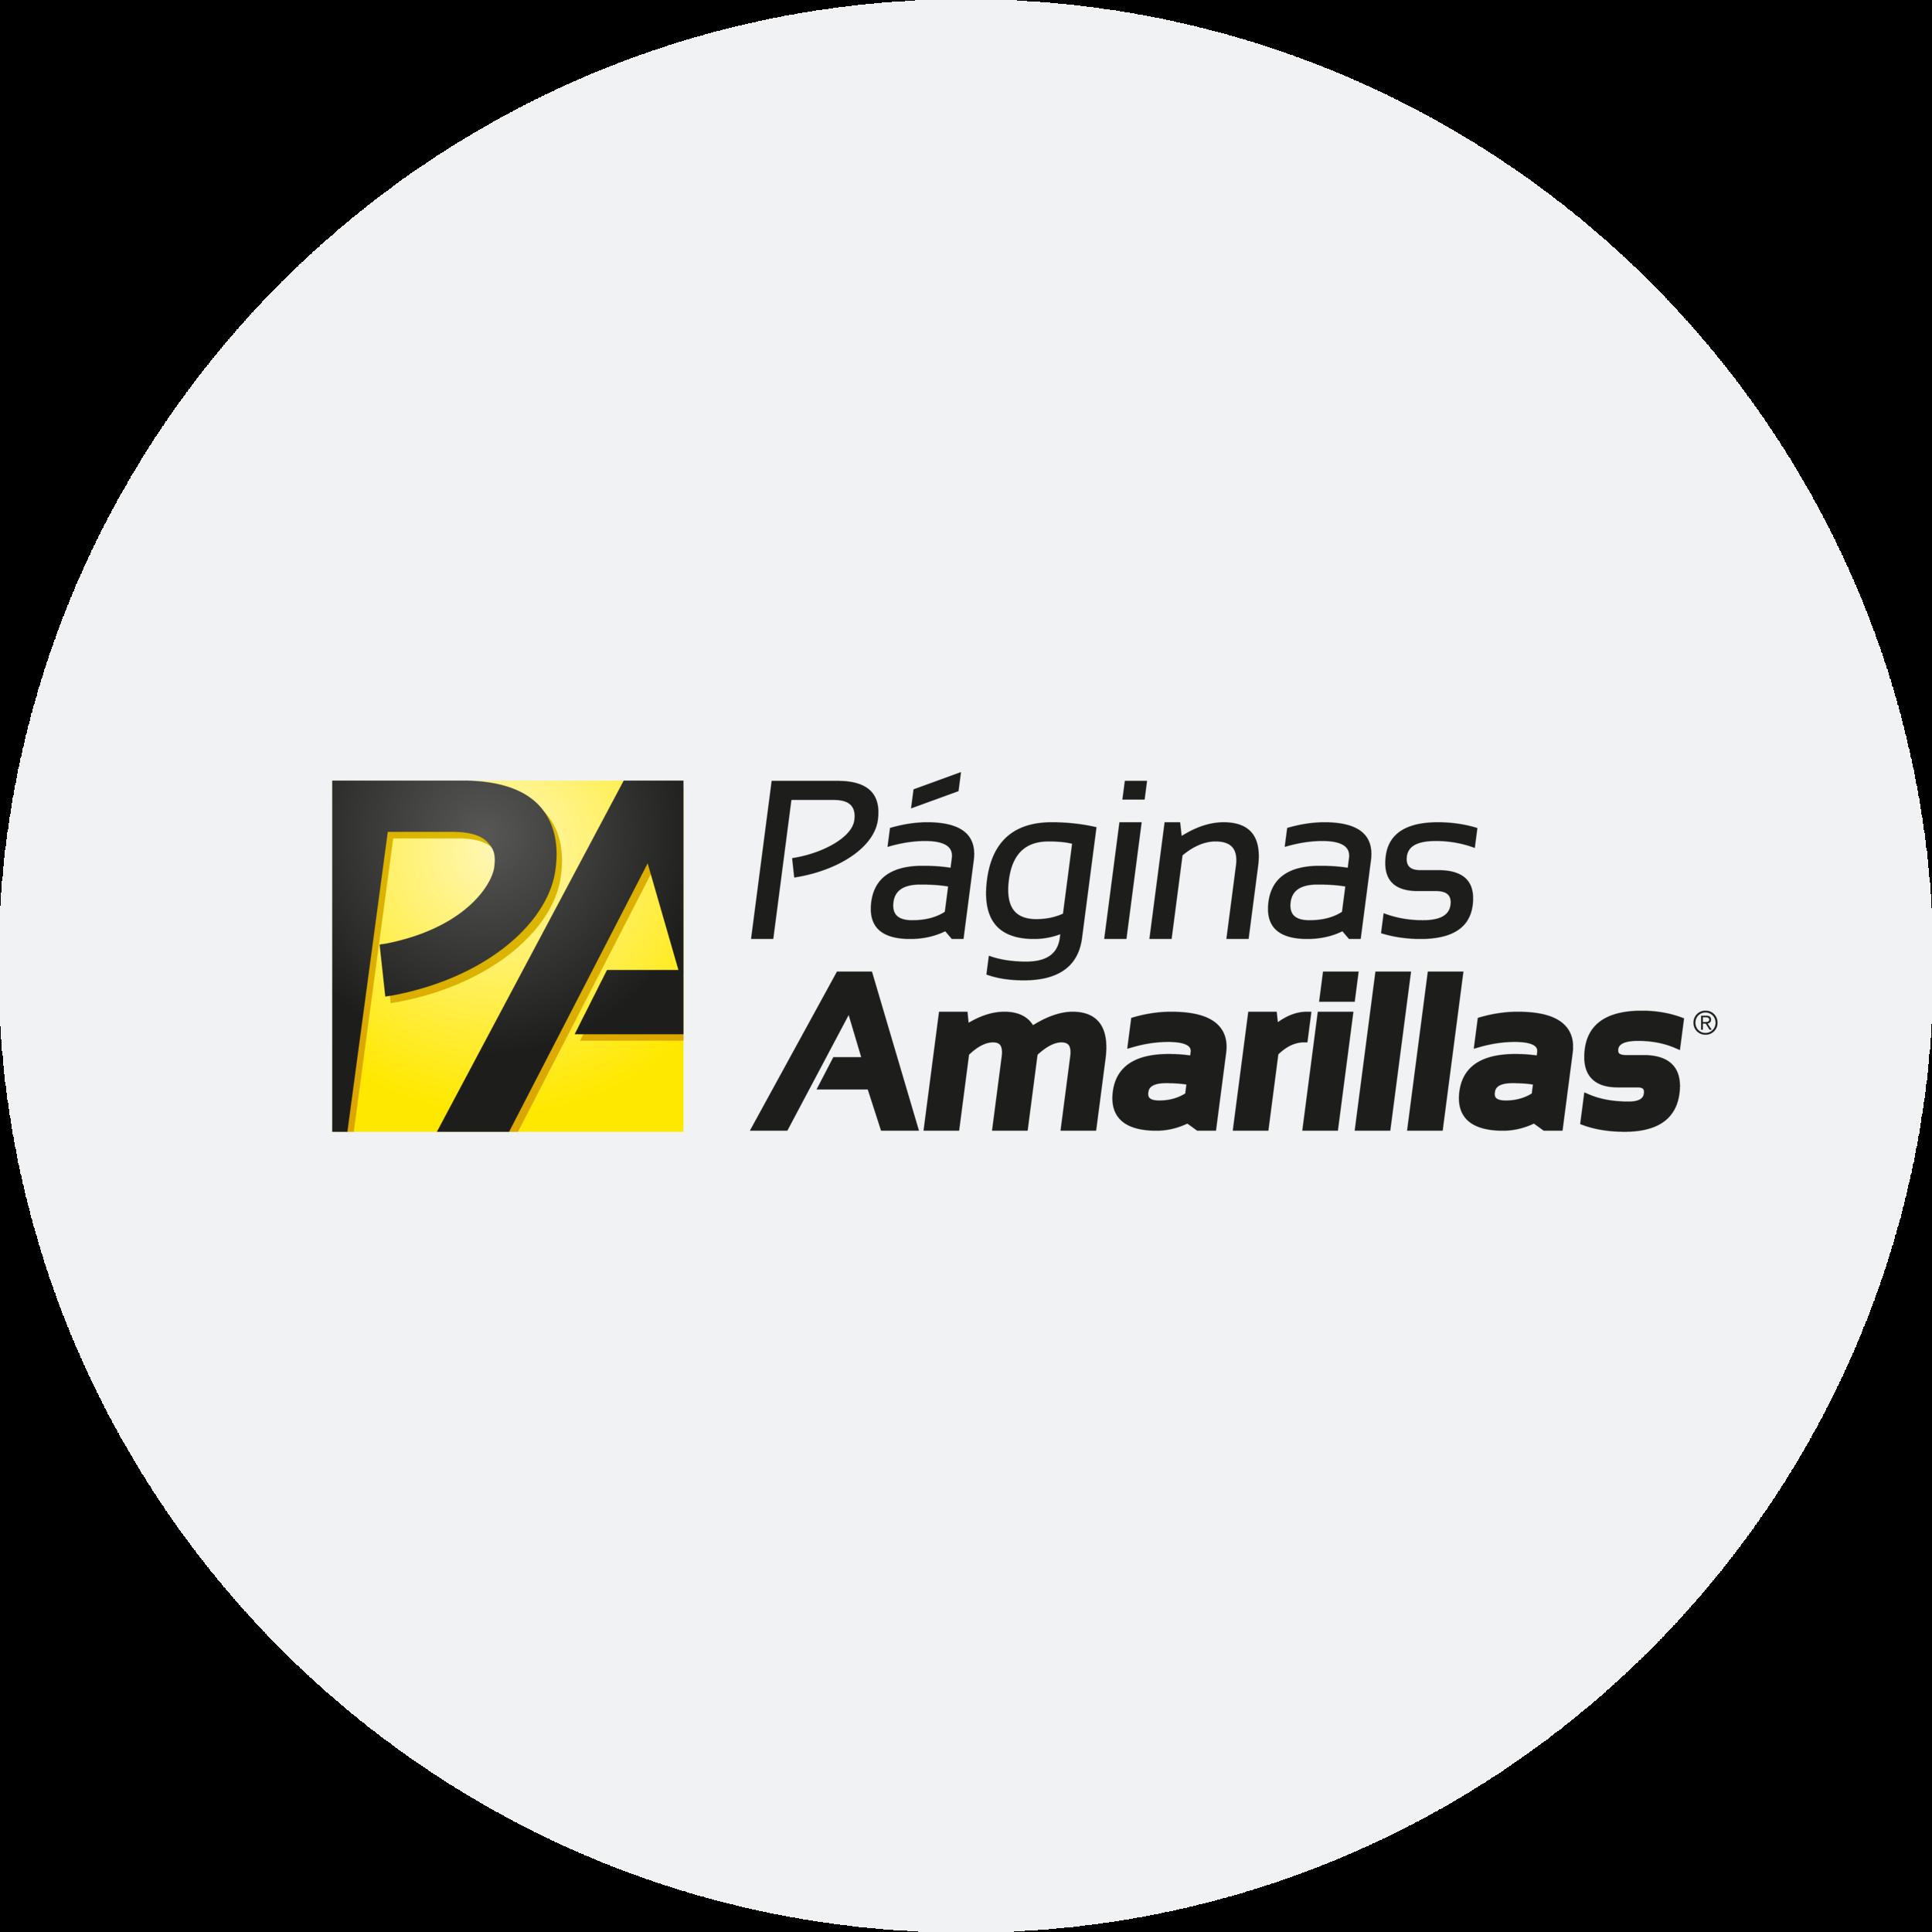 paginasamarillas.png